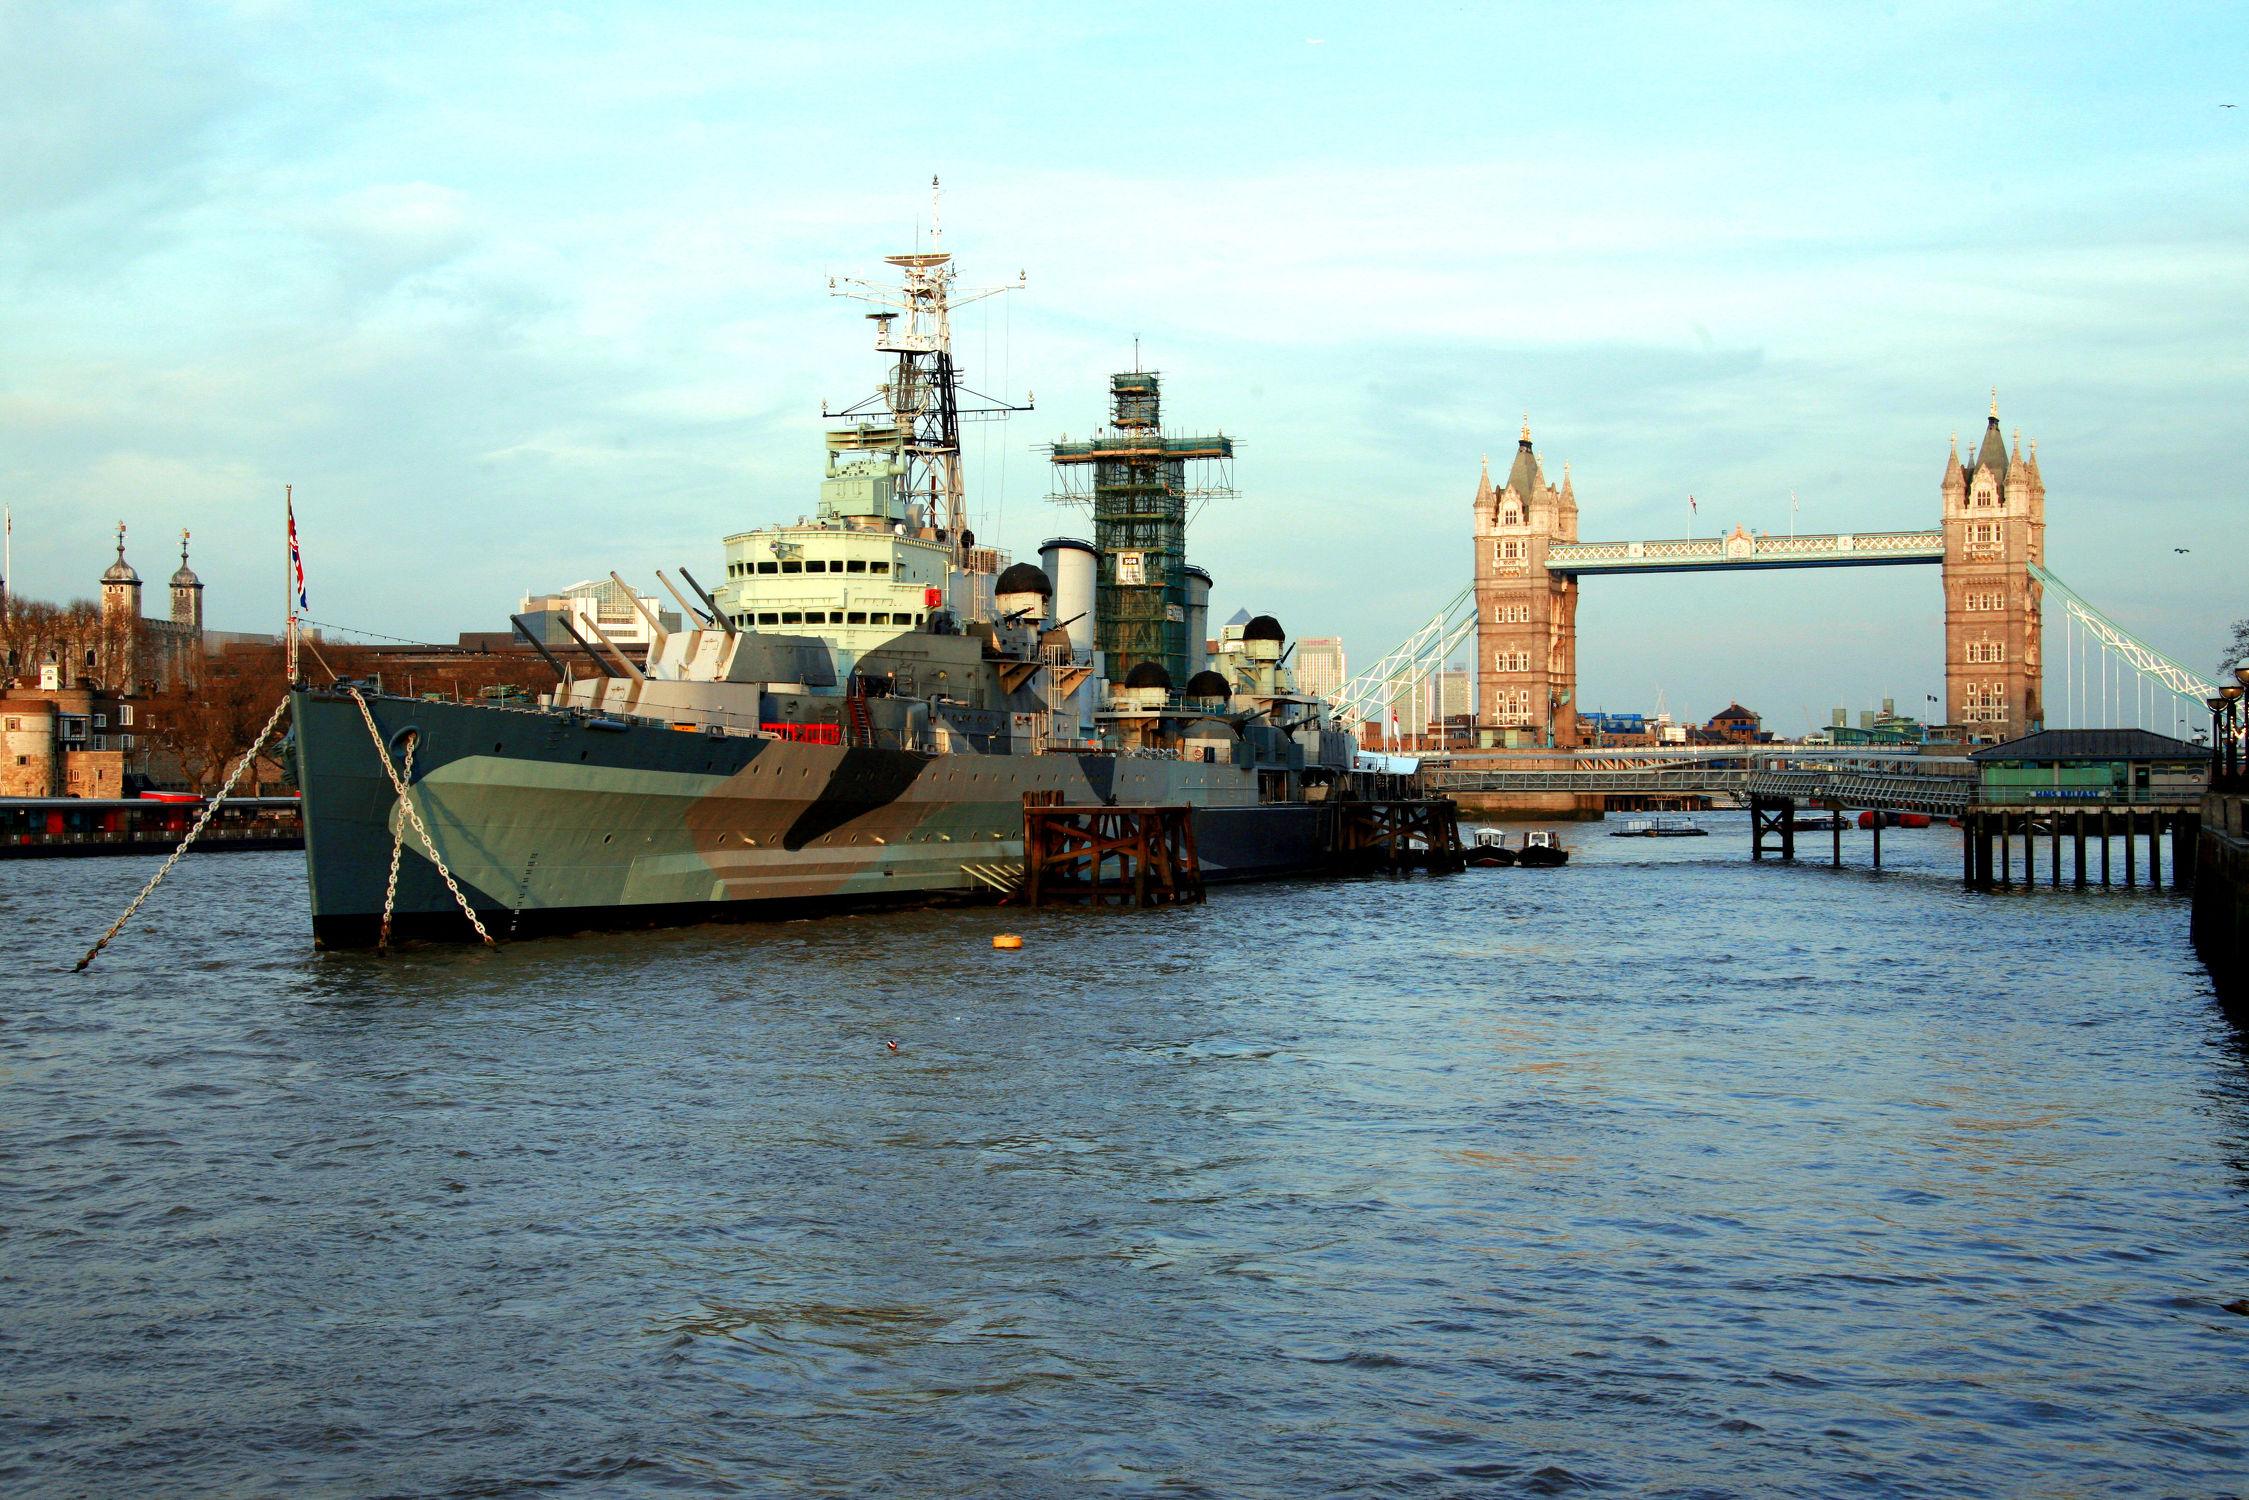 Bild mit Schiffe, Tower Bridge, London, Schiff, London Bridge, london tower bridge, Fluss, Kriegsschiff, HML Belfast, Kriegsschiffe